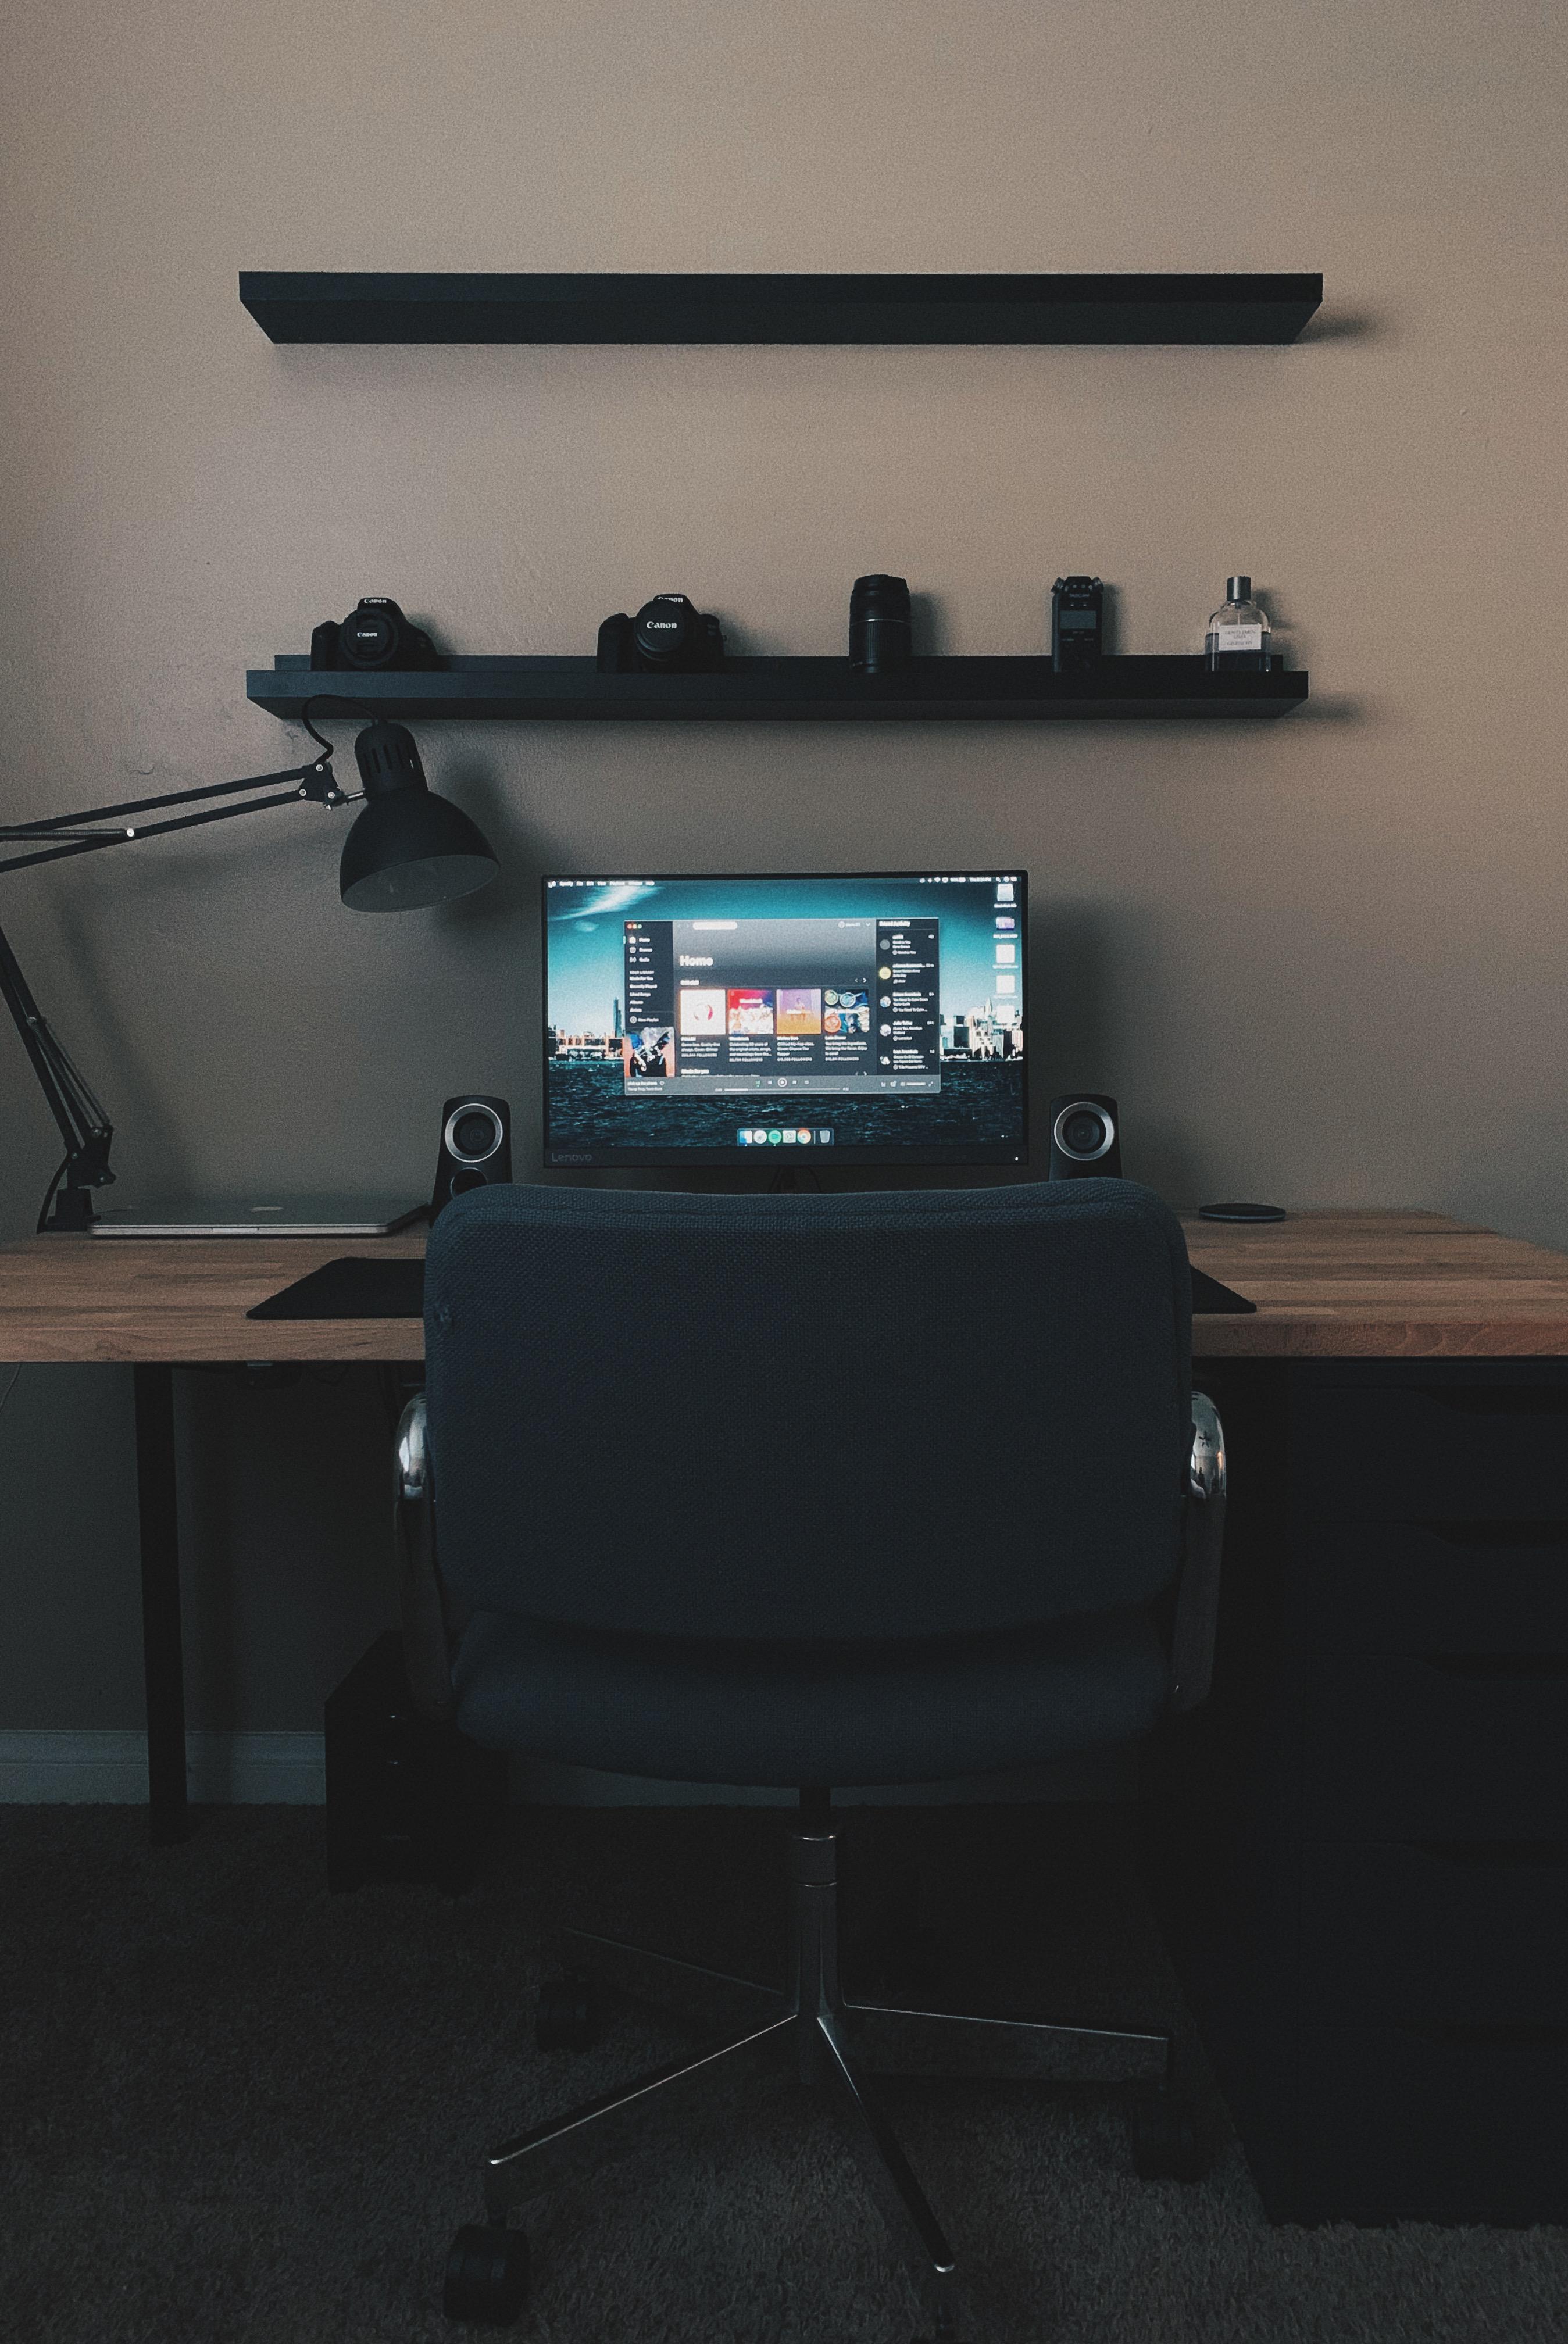 Pin by Jordan Haldane on Home in 2020 Setup, Desk setup